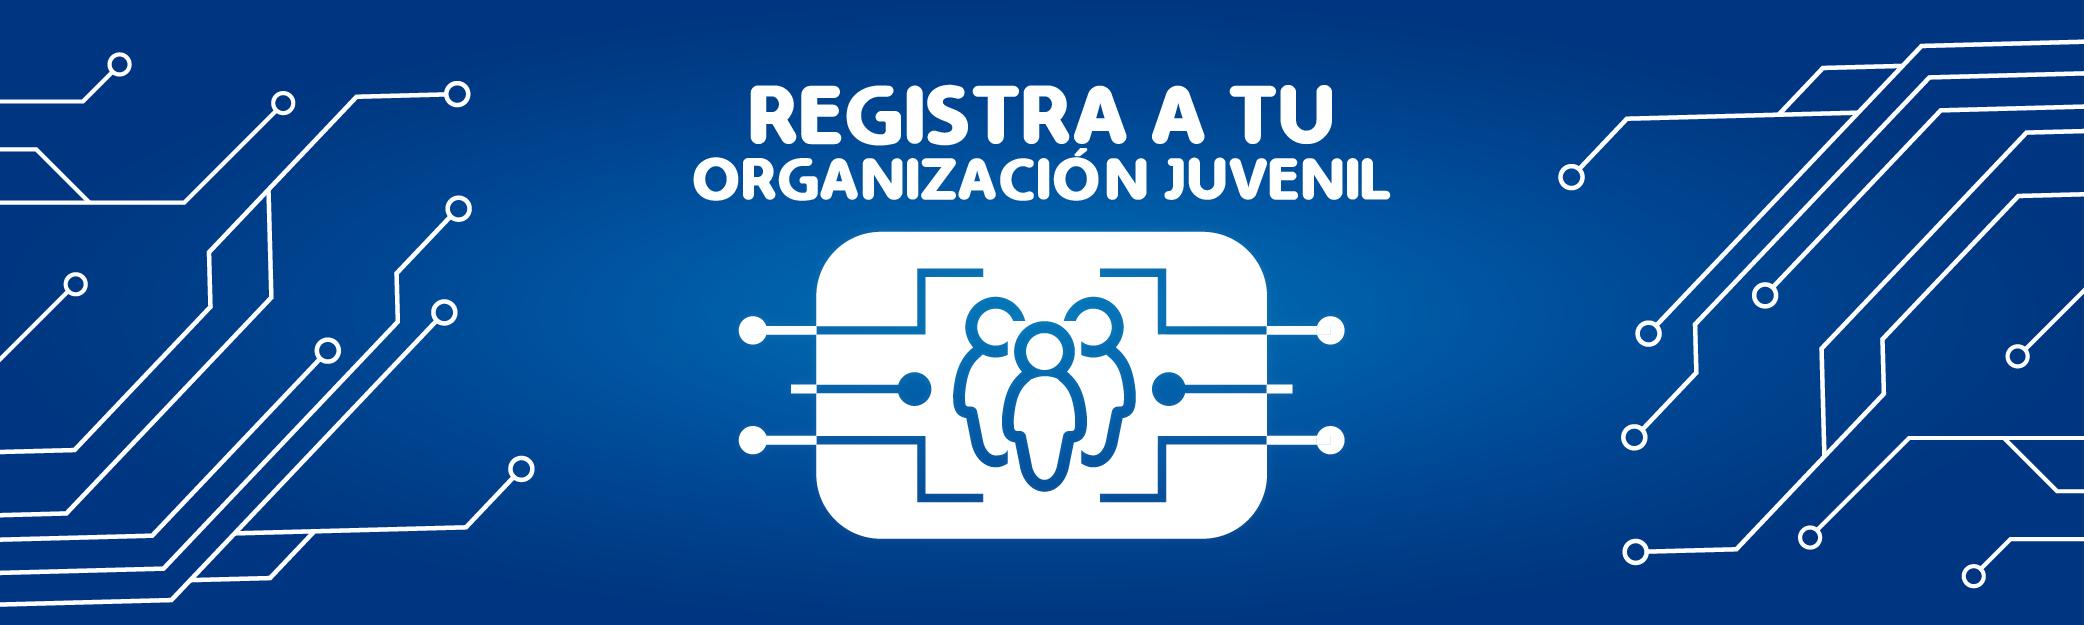 Registro Nacional de Organizaciones Juveniles 2019